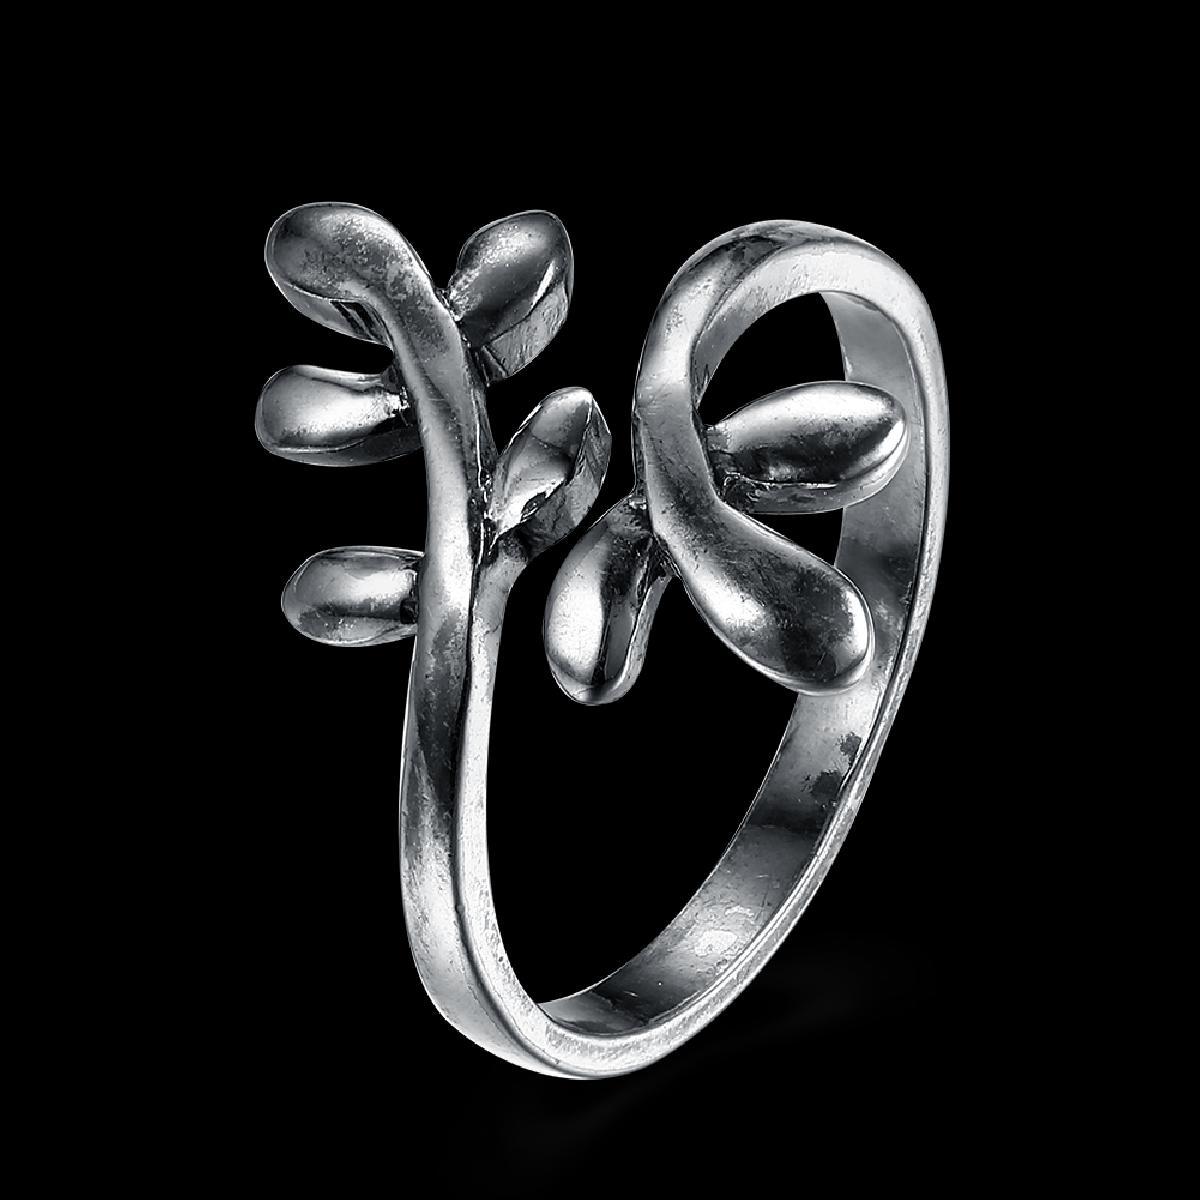 Kiteal Новинка! Нержавеющая сталь Размер 6 7 8 9 унисекс обручальное кольцо Древо жизни листьев покрытие серебро Bague Роковой Joyas